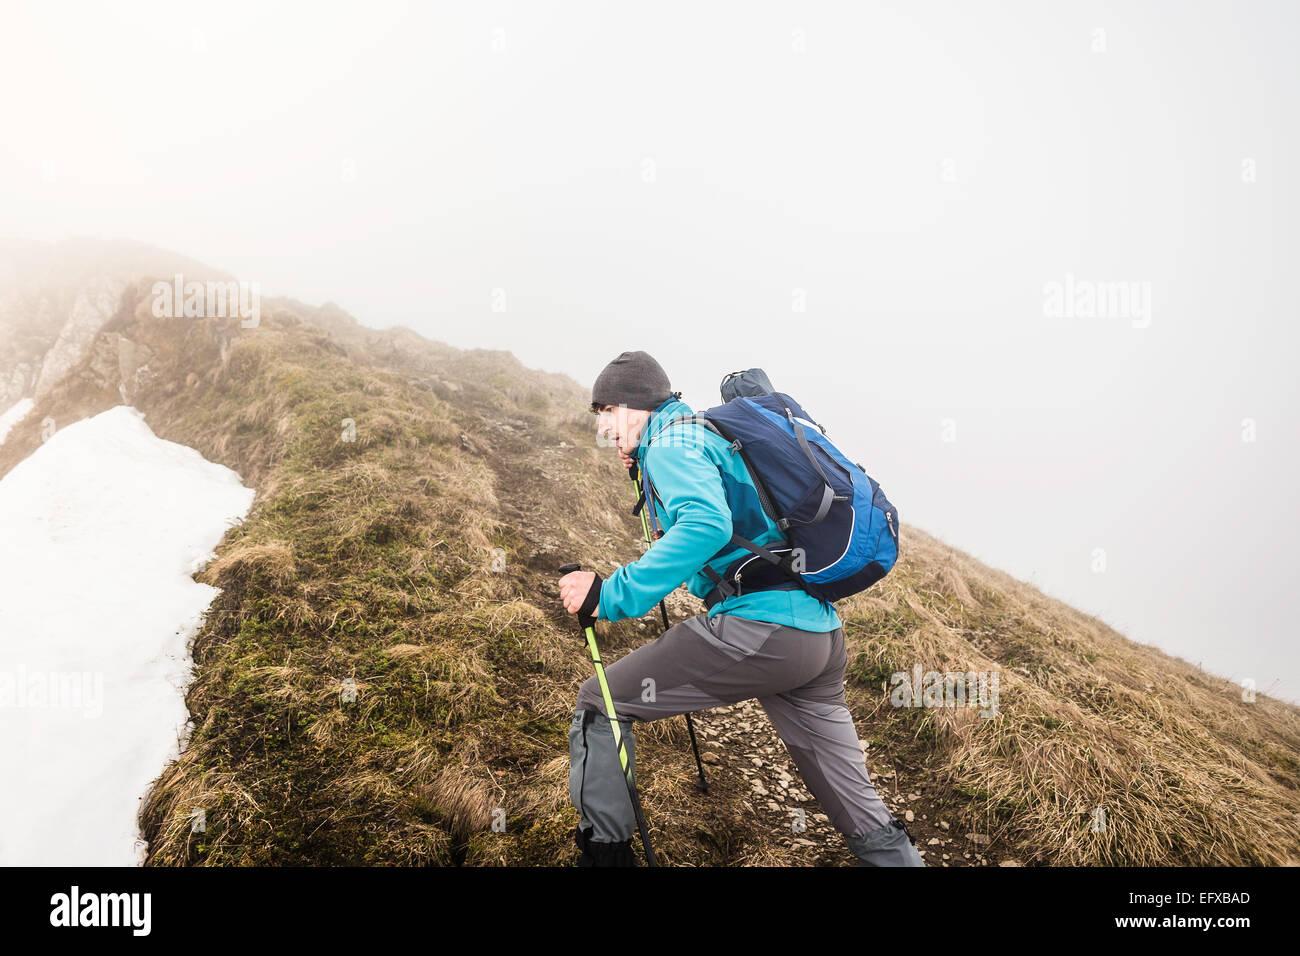 Junger Mann, Mountainbike, Wandern im Schnee und Nebel, Allgäu, Oberstdorf, Bayern, Deutschland Stockbild